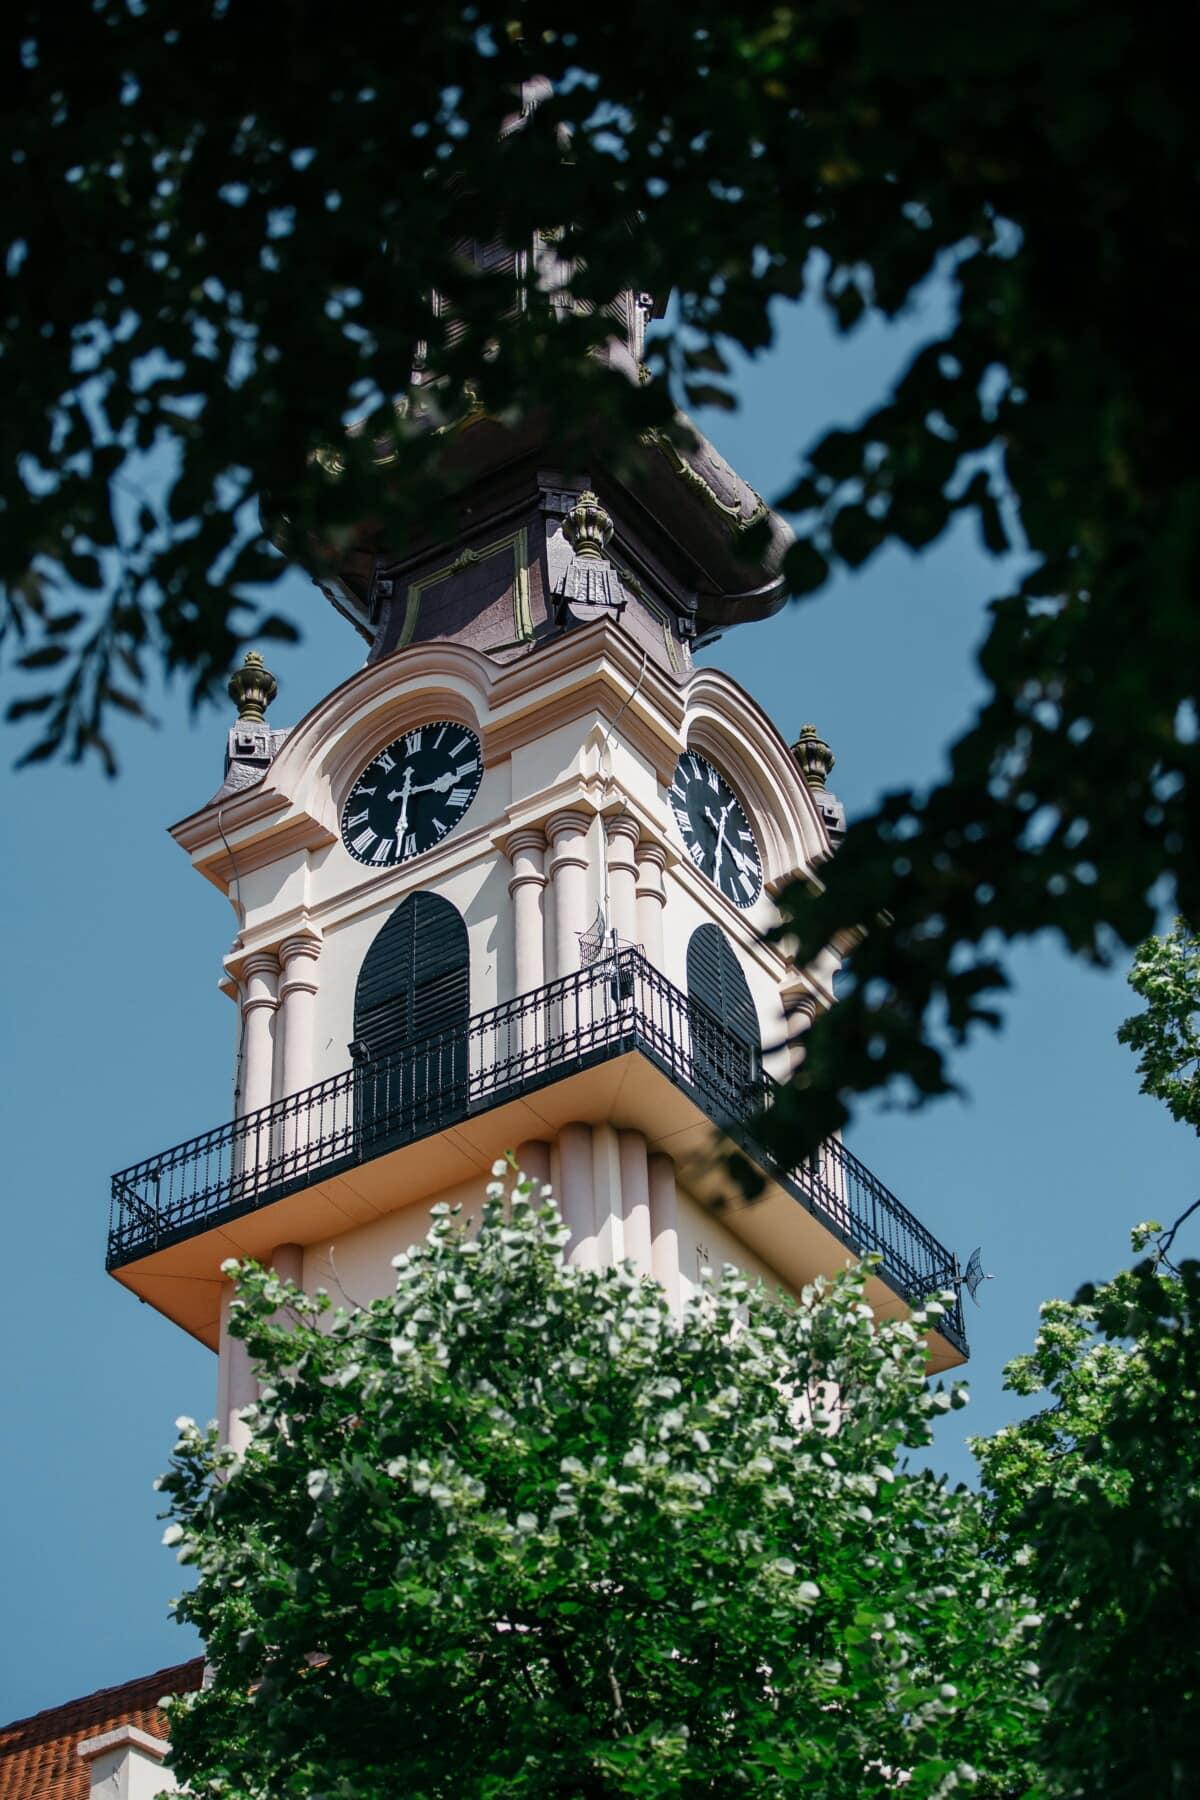 kirkon torni, Ortodoksinen, Terassi, analoginen kello, Parveke, Ornamentti, barokki, uskonto, arkkitehtuuri, kirkko